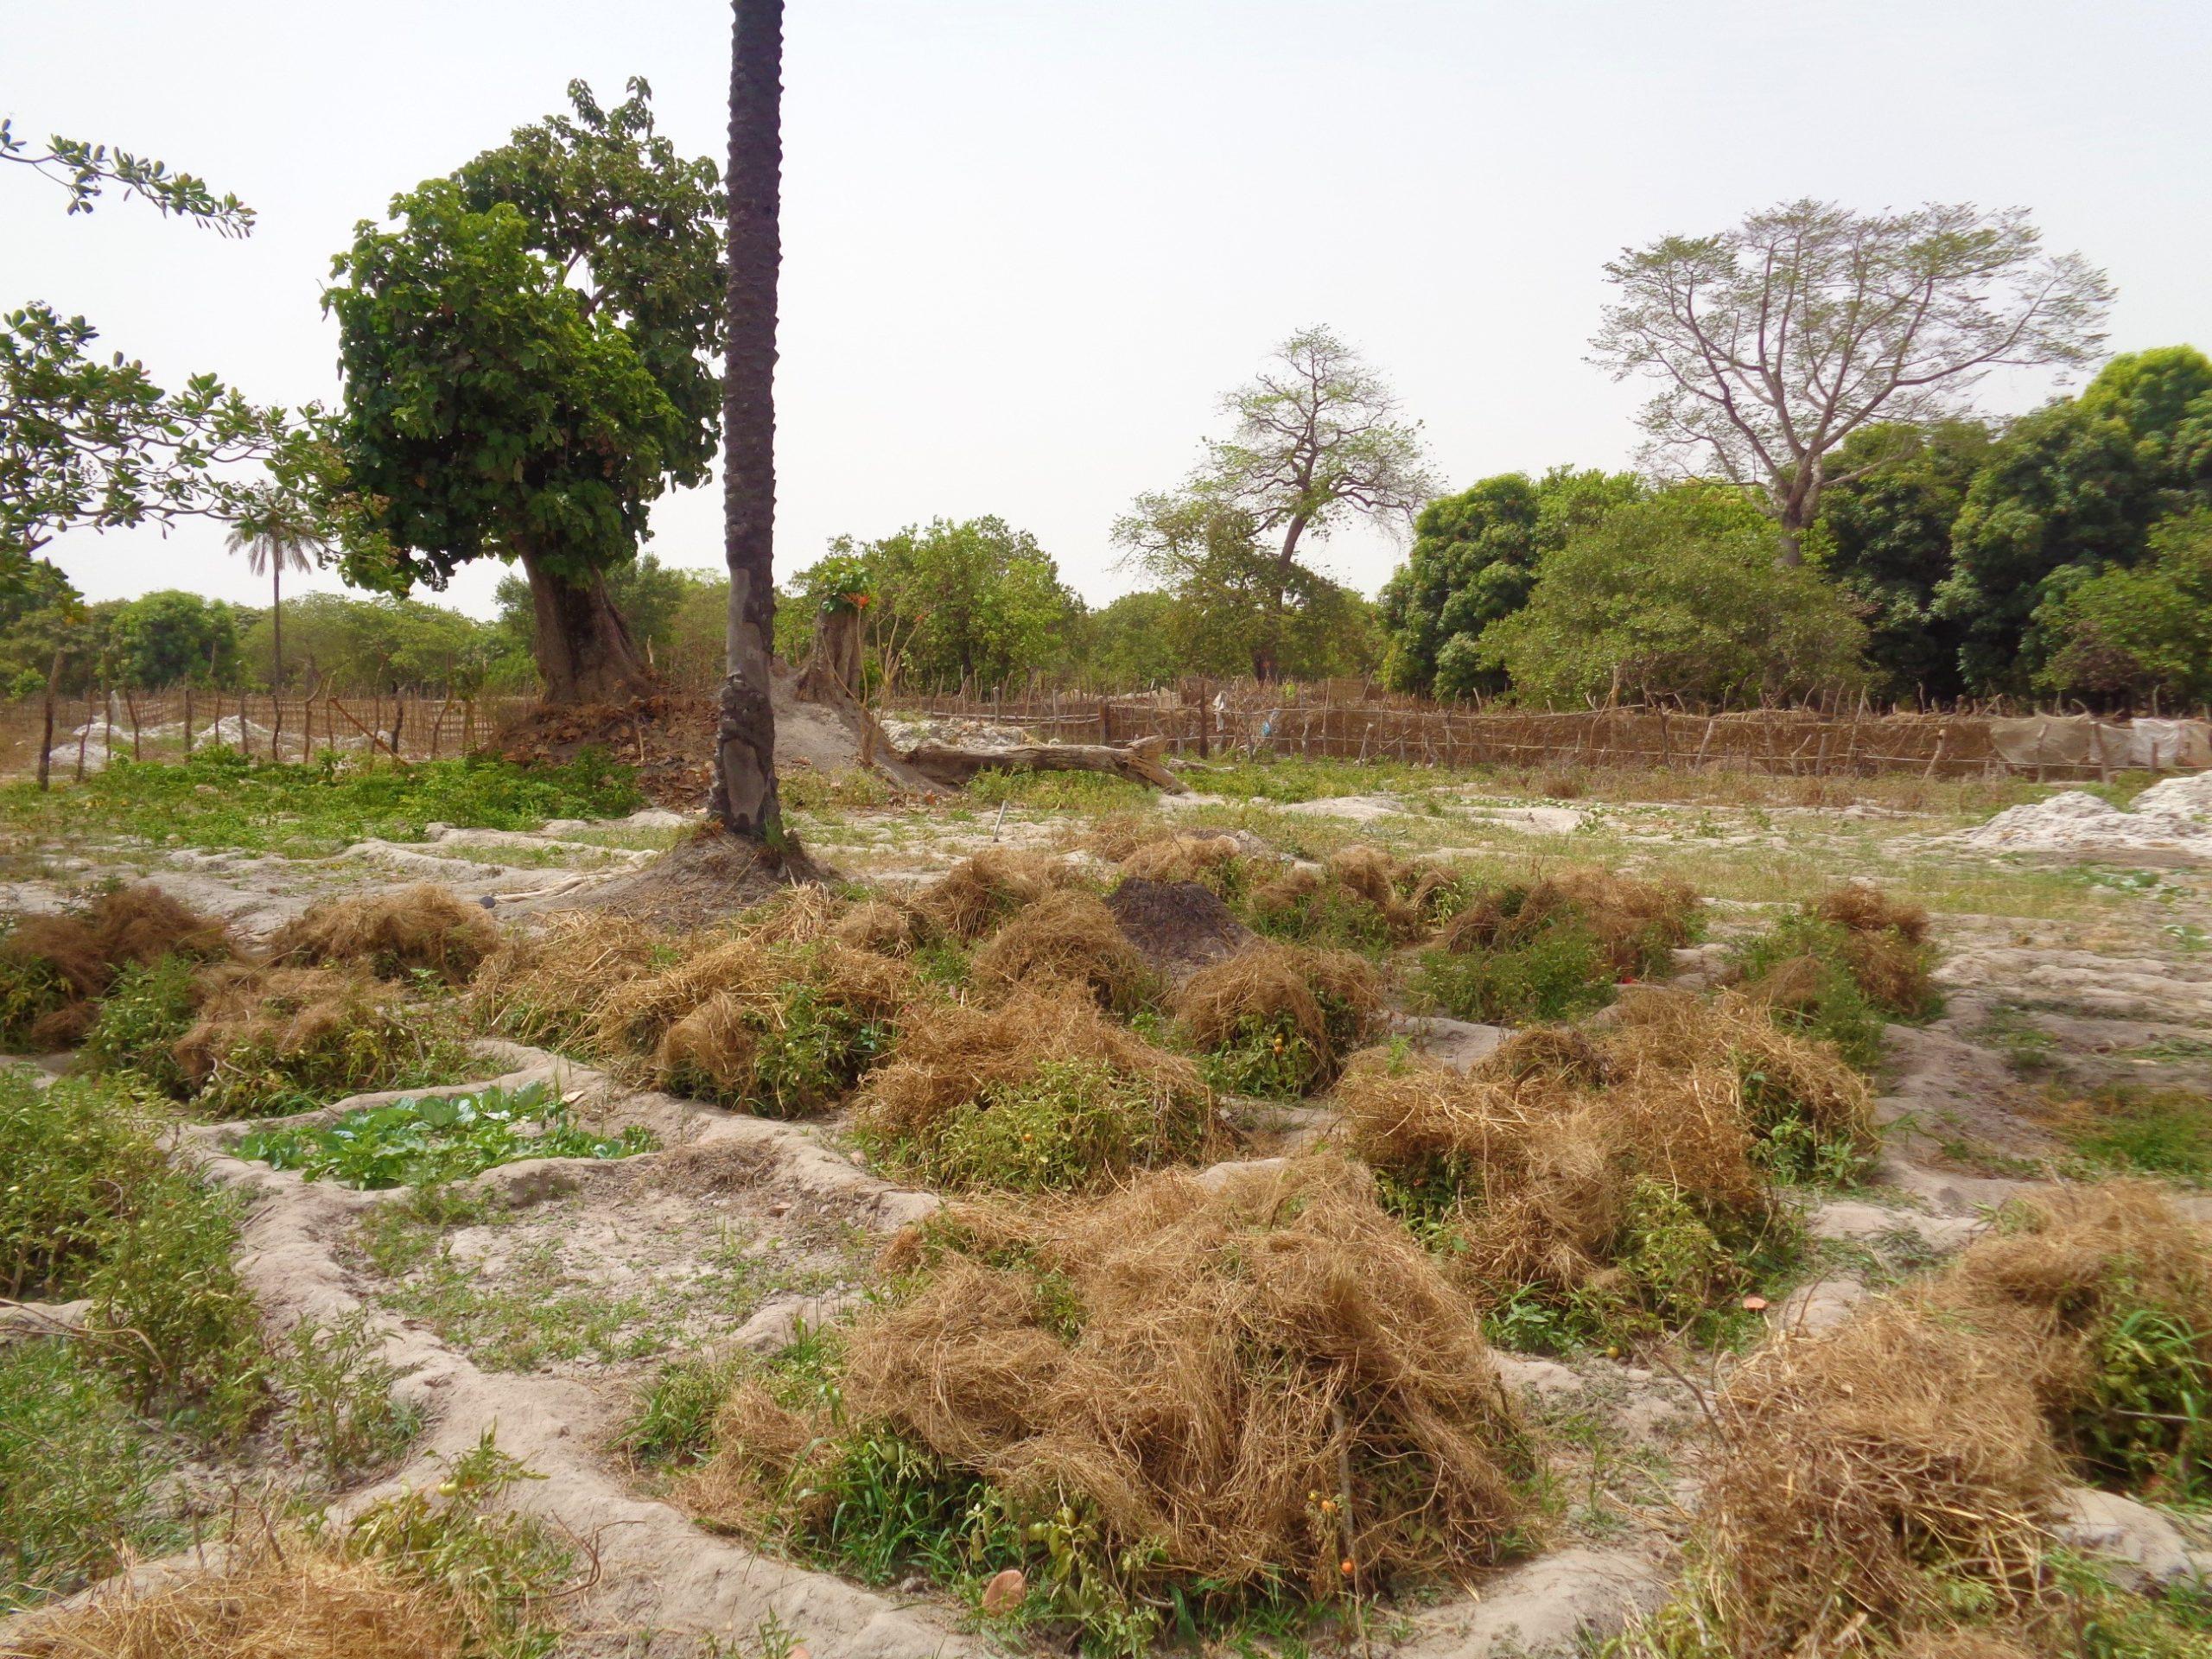 paglia di riso per proteggere le piante pomodoro dal sole_2329_GB_mani_tese_2017